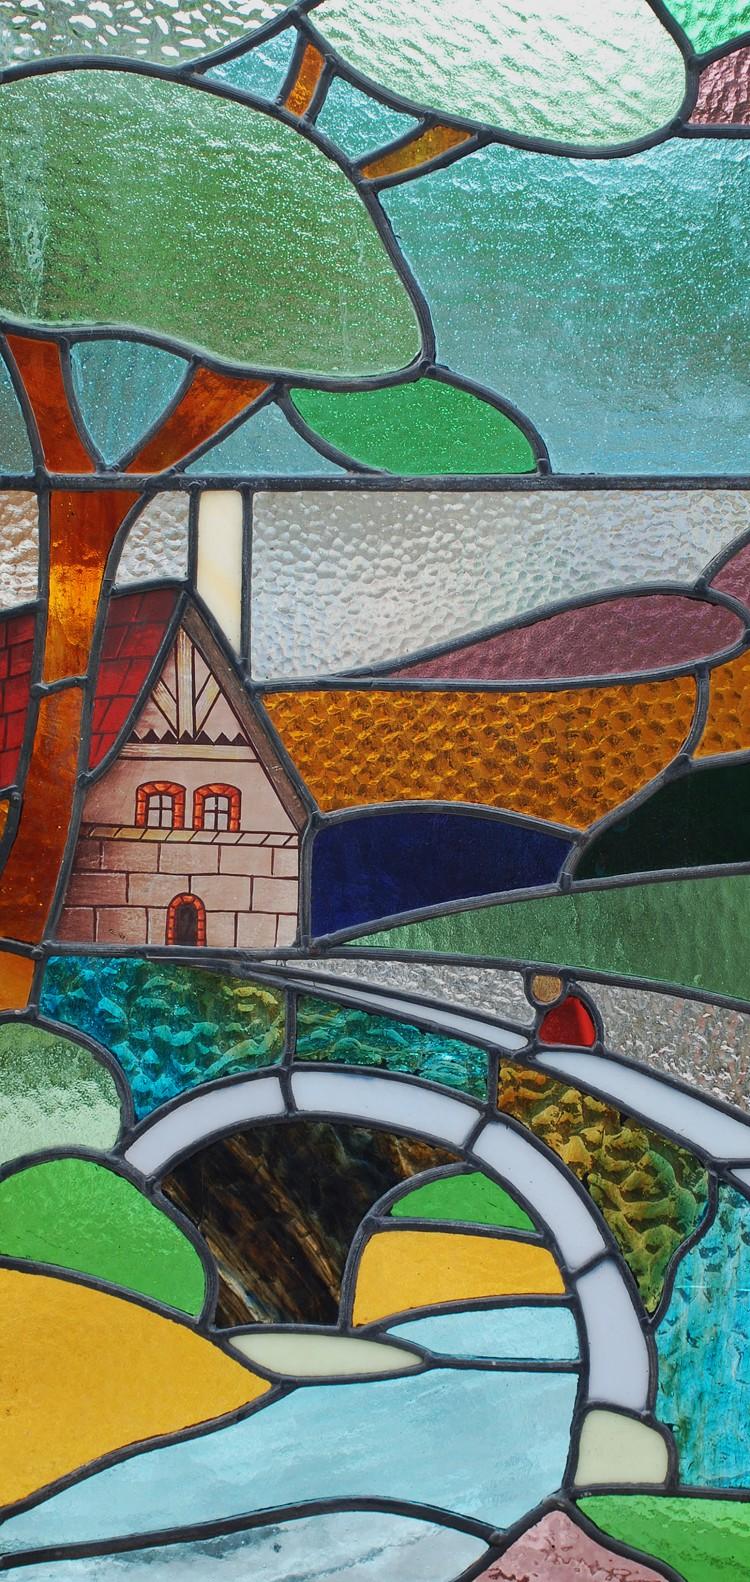 An original window restored